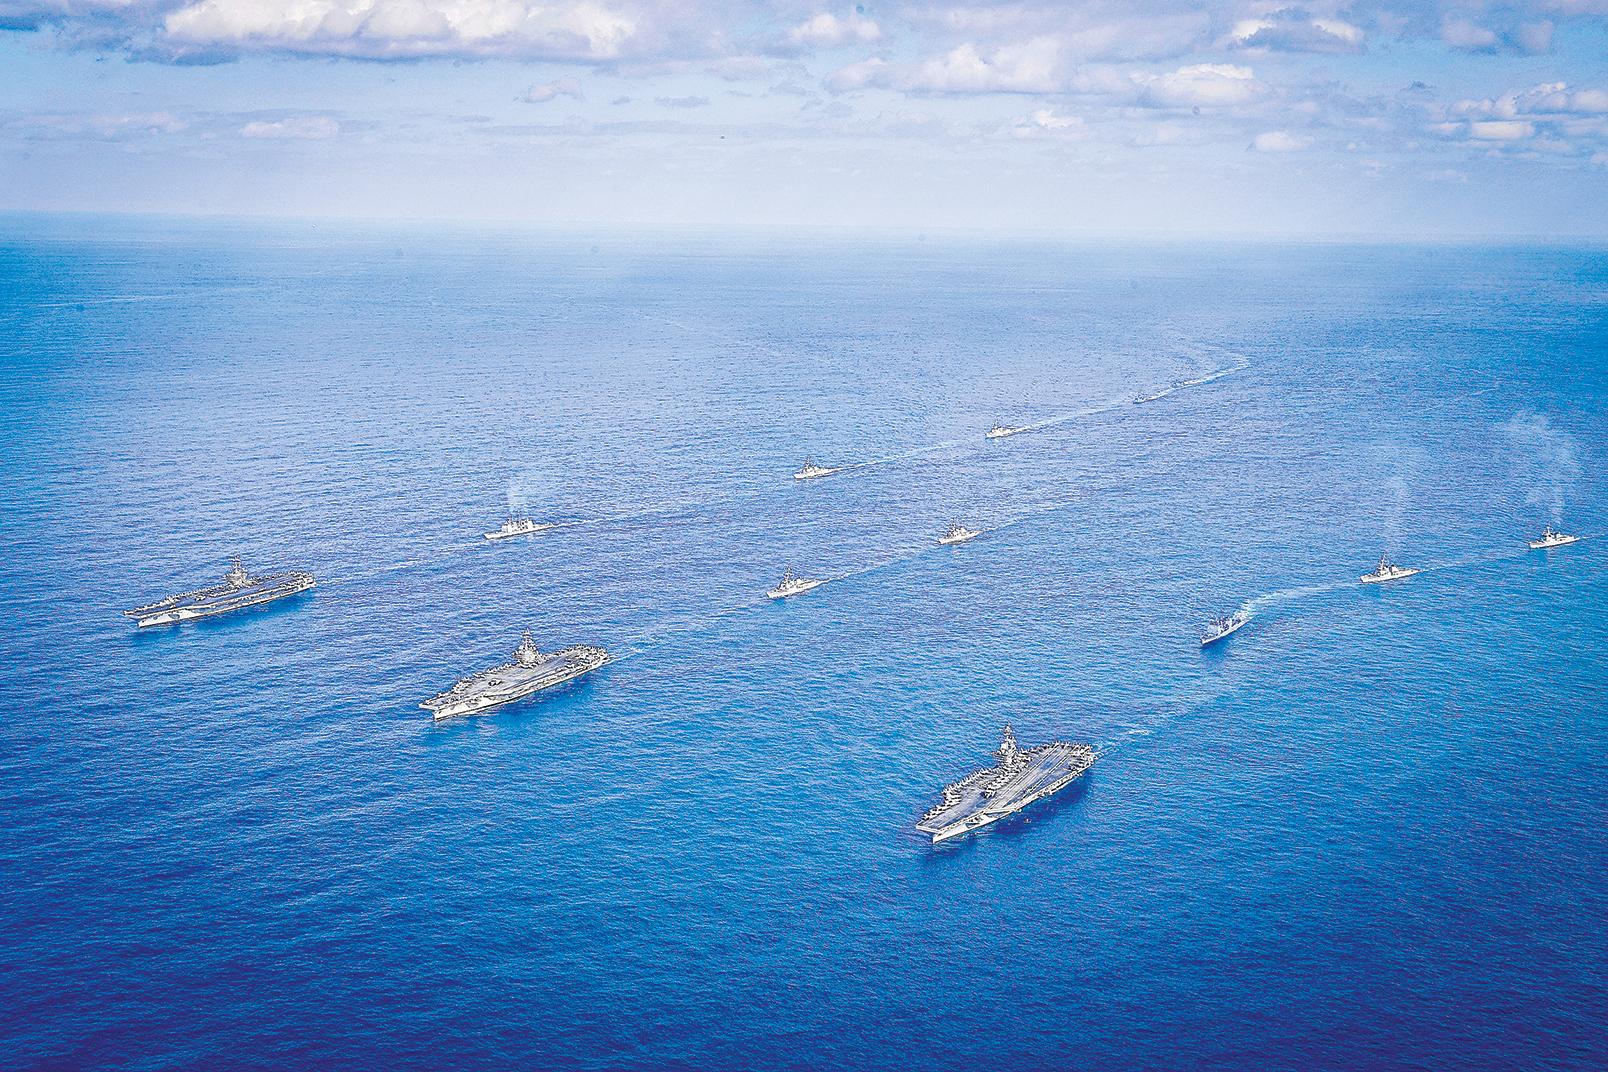 2017年11月,朝鮮半島局勢緊張之際,美國三艘航母在日本海舉行聯合演練。(Getty Images)